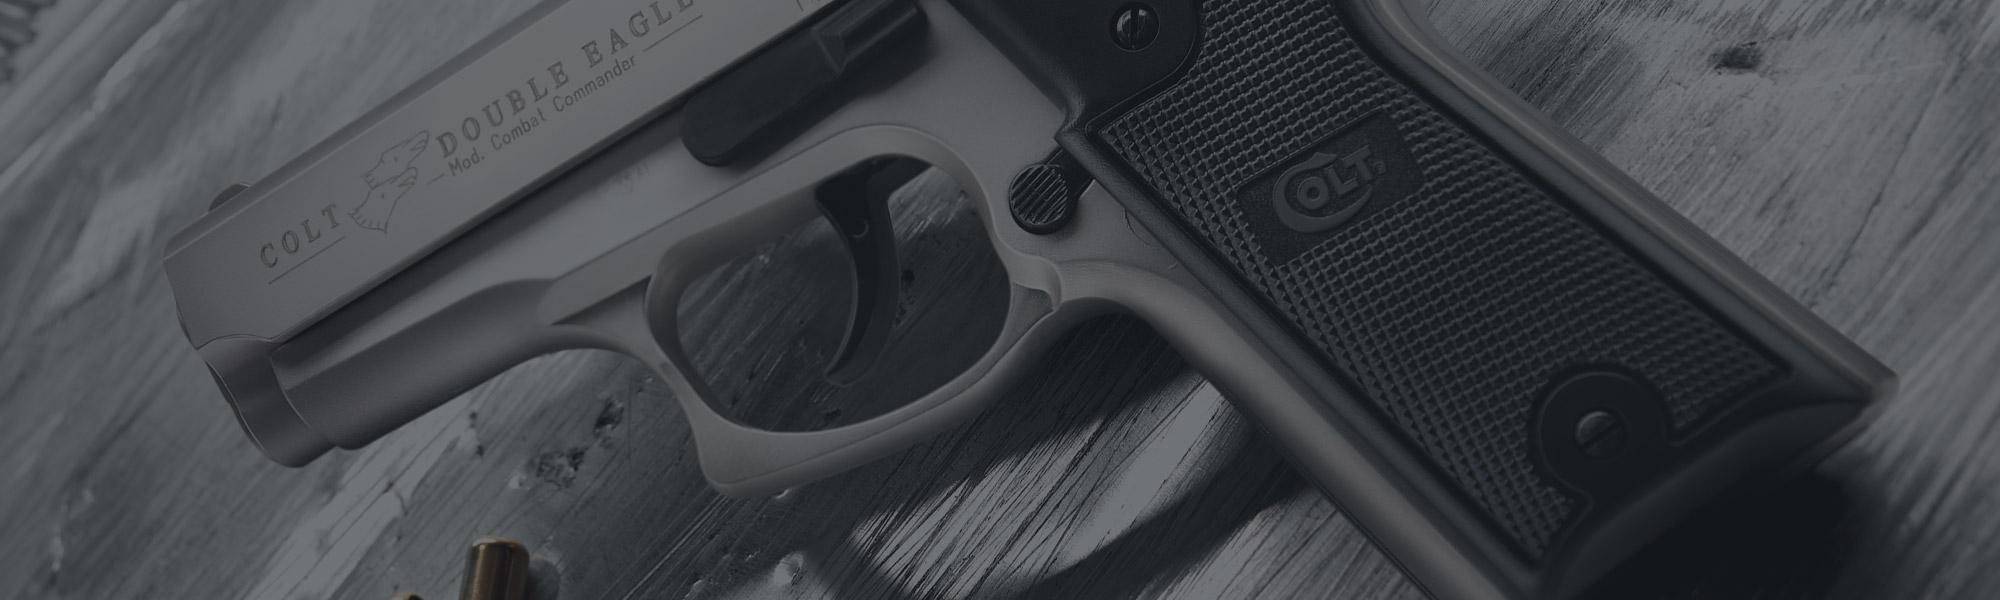 Colt Gas Signal Guns